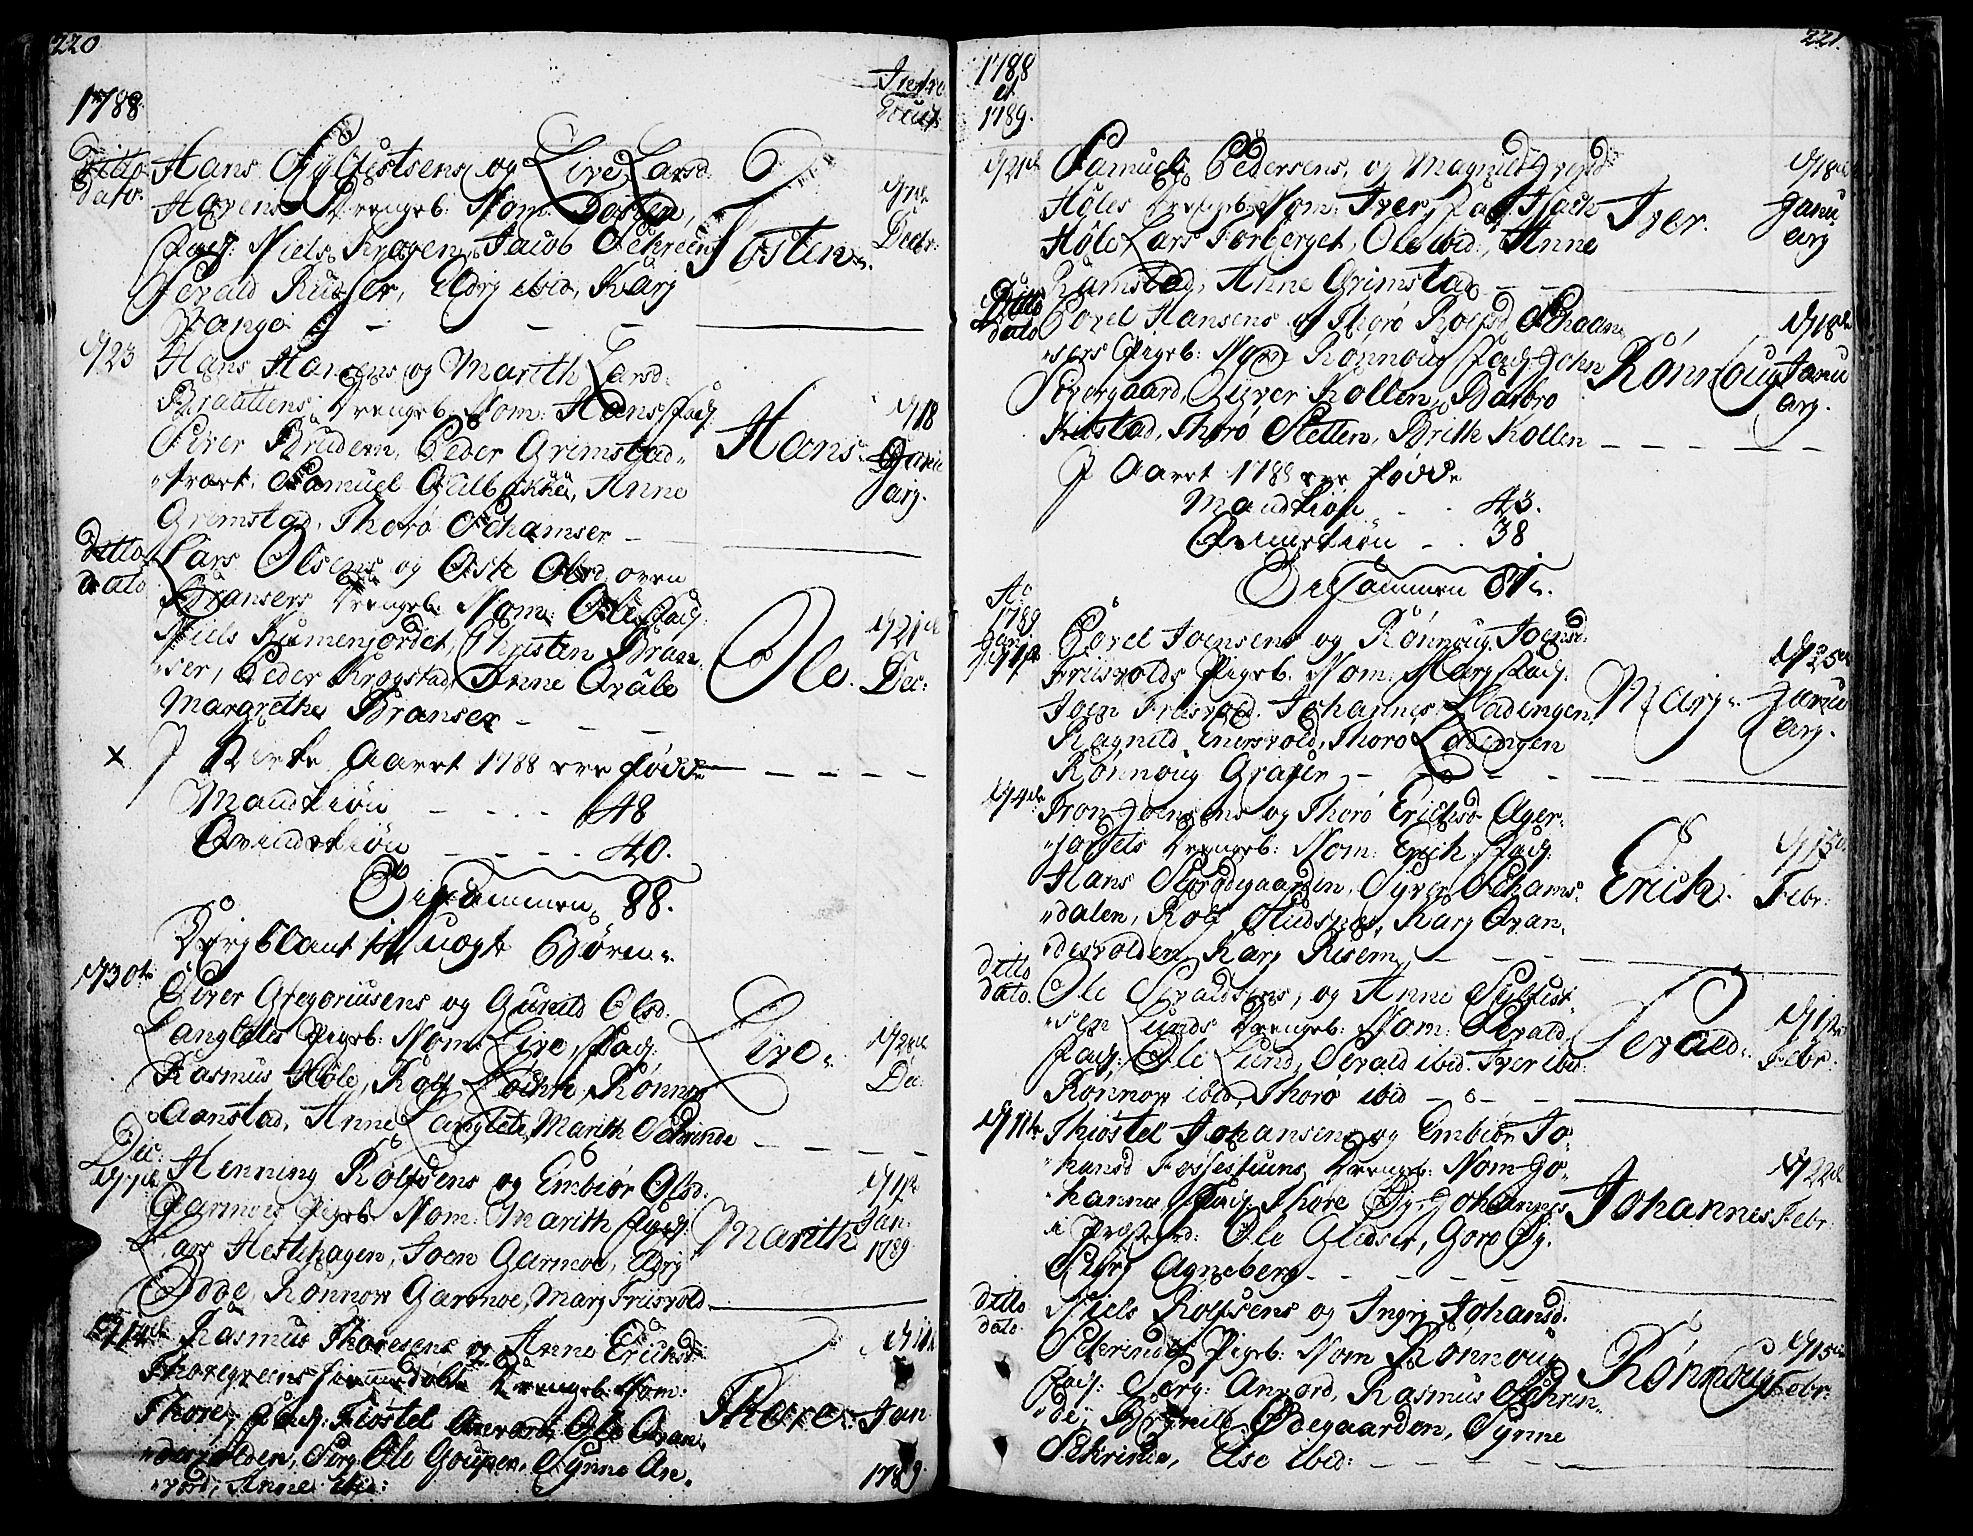 SAH, Lom prestekontor, K/L0002: Ministerialbok nr. 2, 1749-1801, s. 220-221